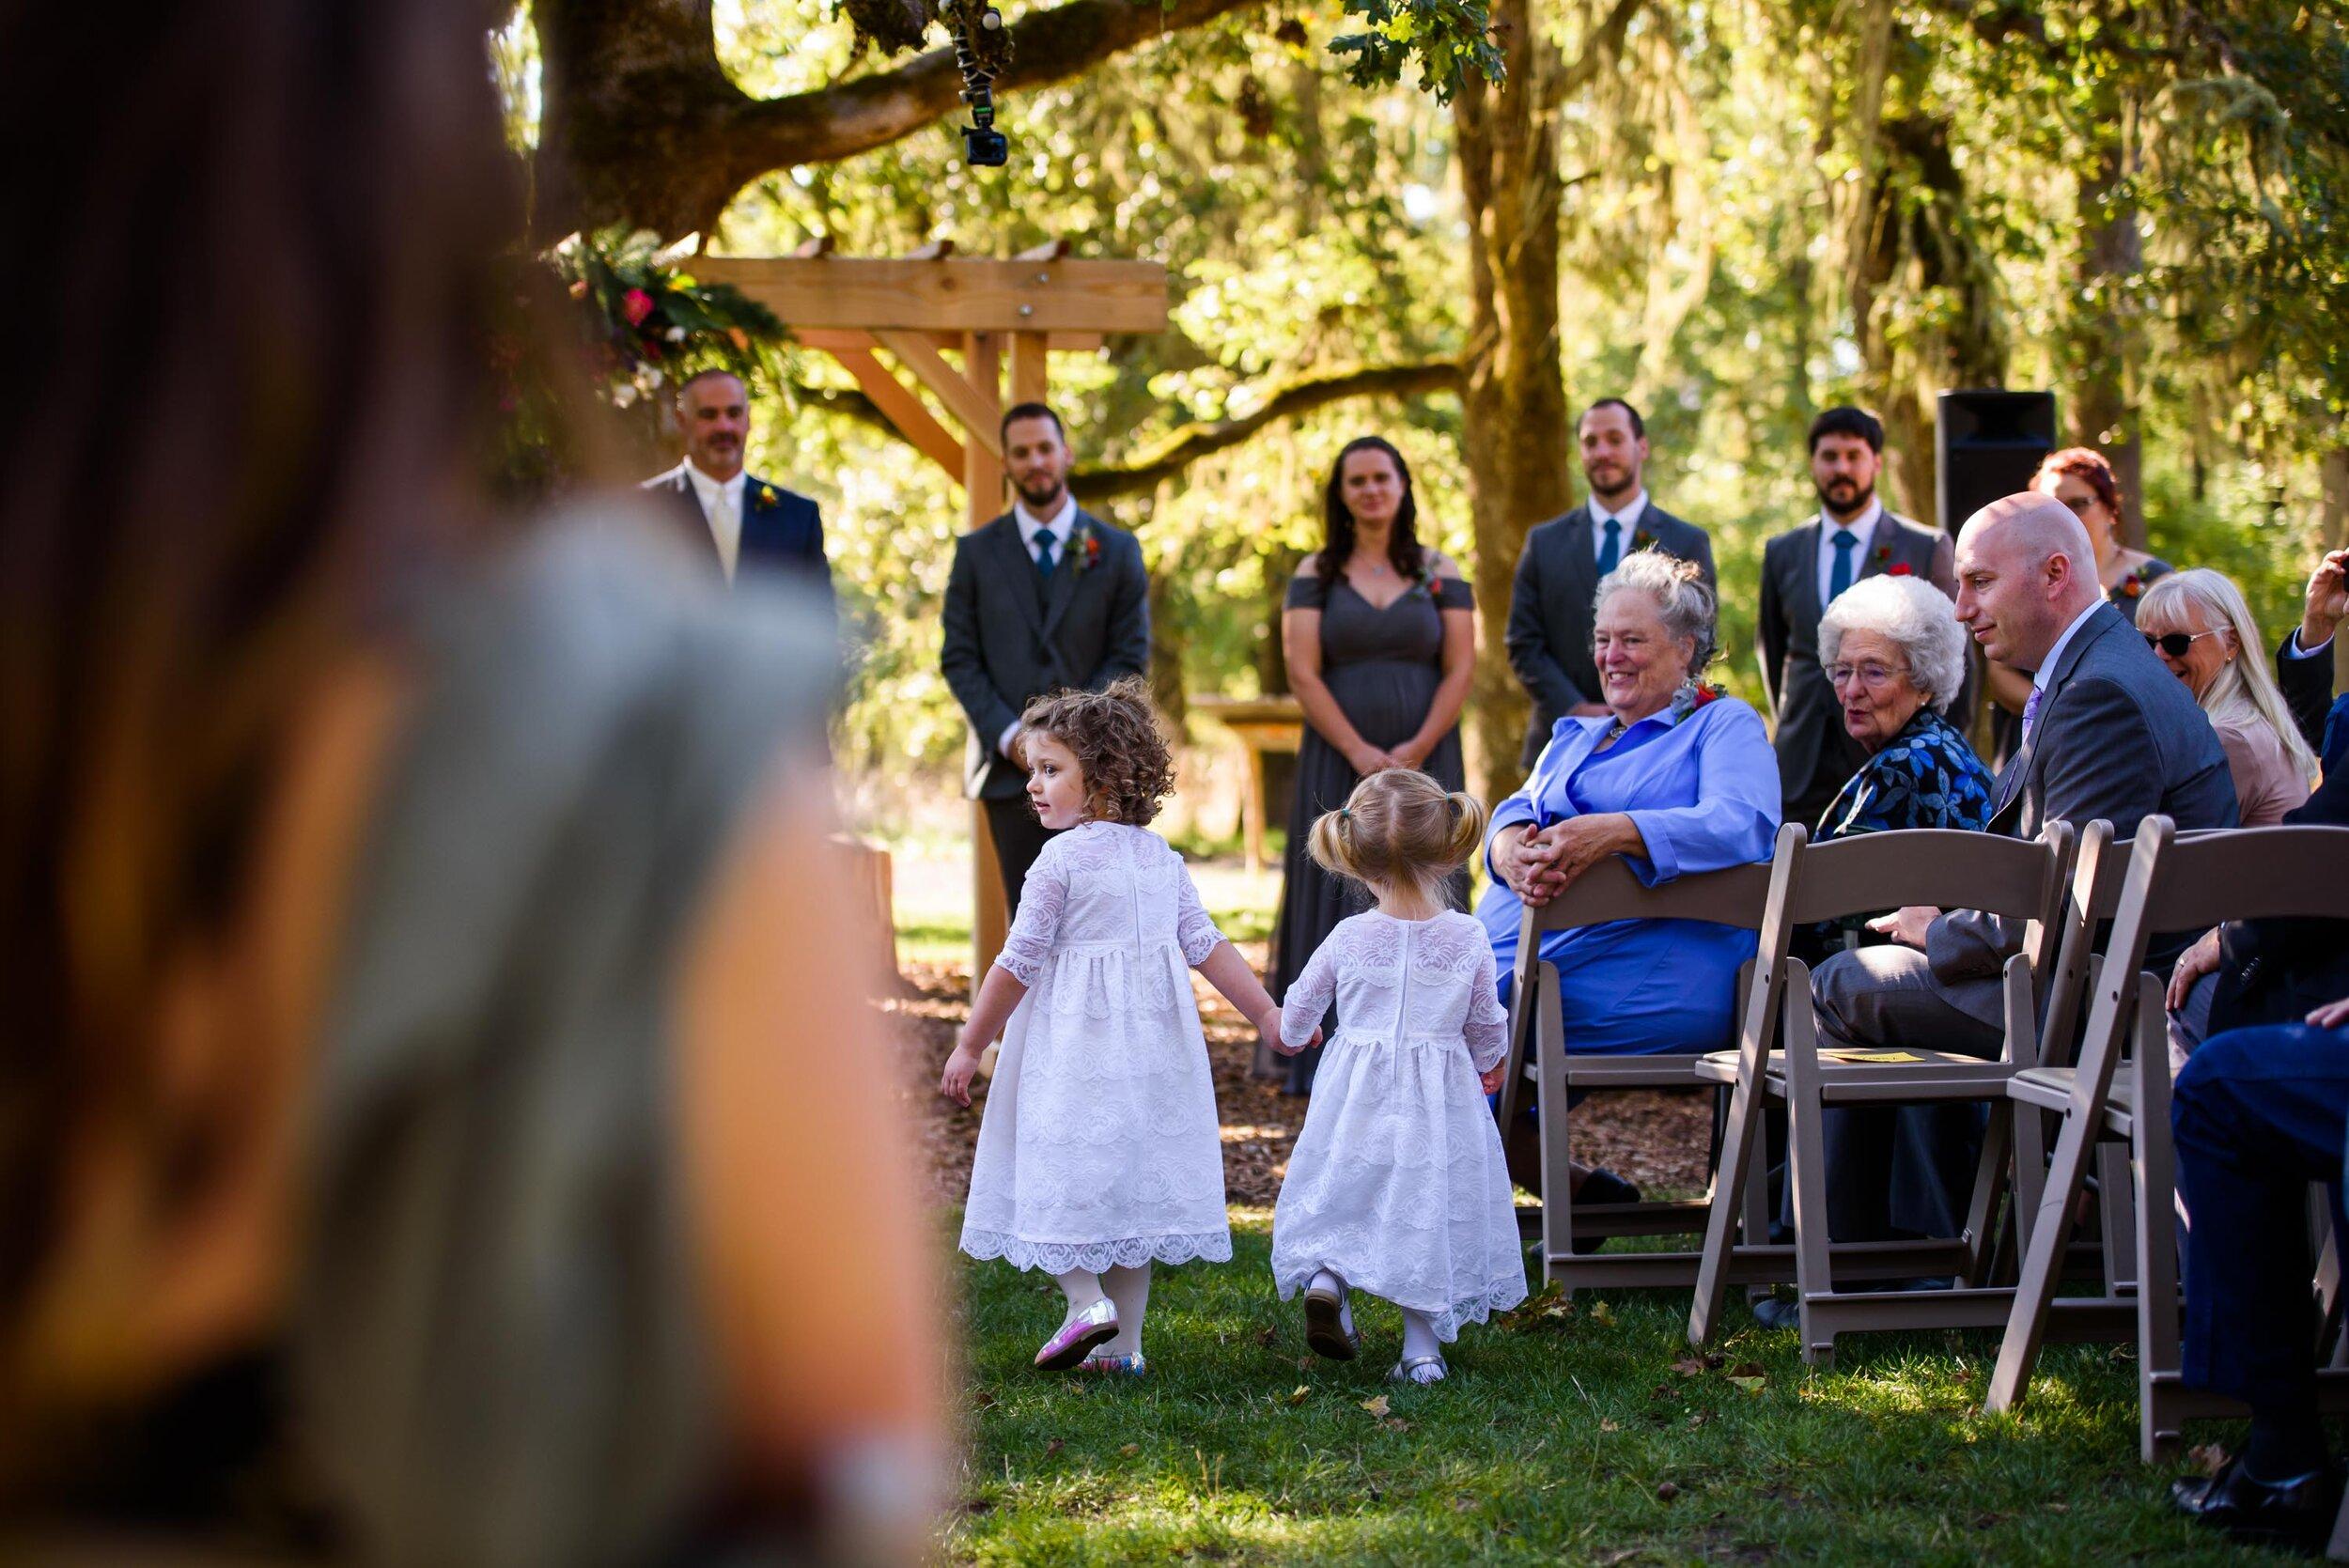 Mt. Pisgah Arboretum wedding photos 68.JPG